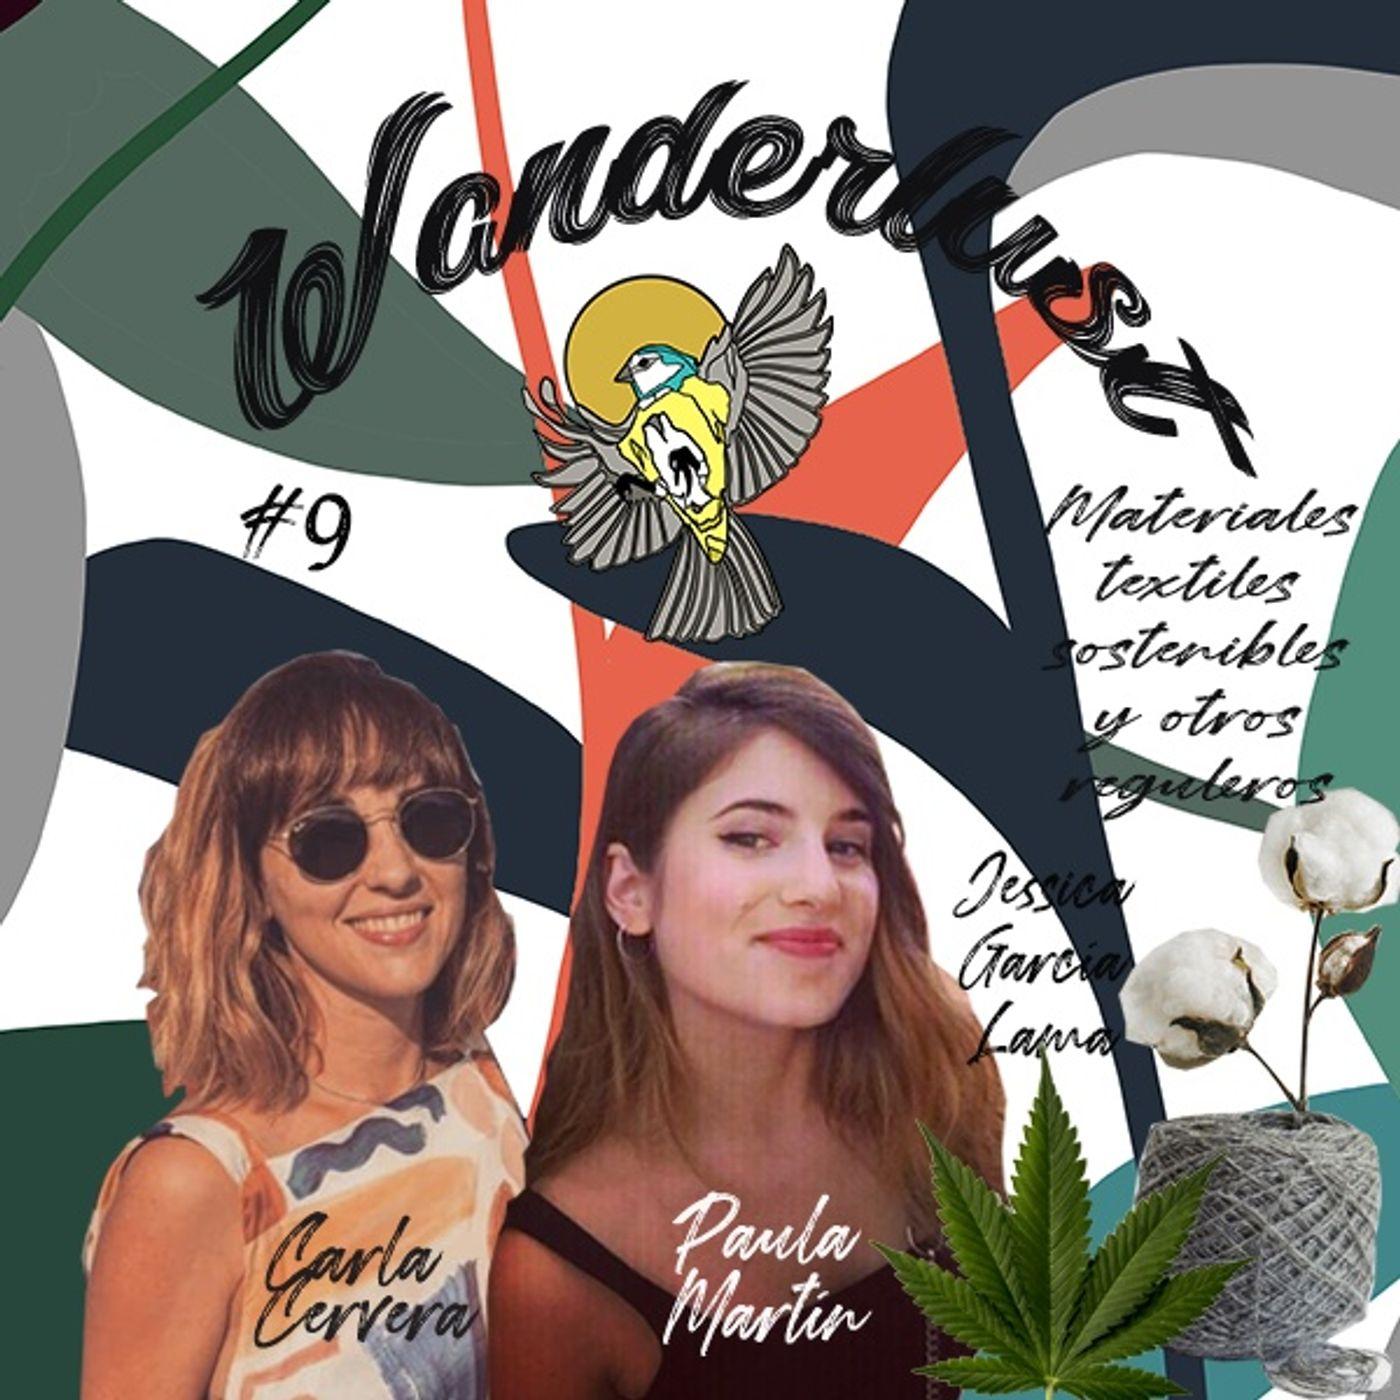 #9 Materiales textiles sostenibles y otros reguleros, con Jessica García Lama y Carla Cervera